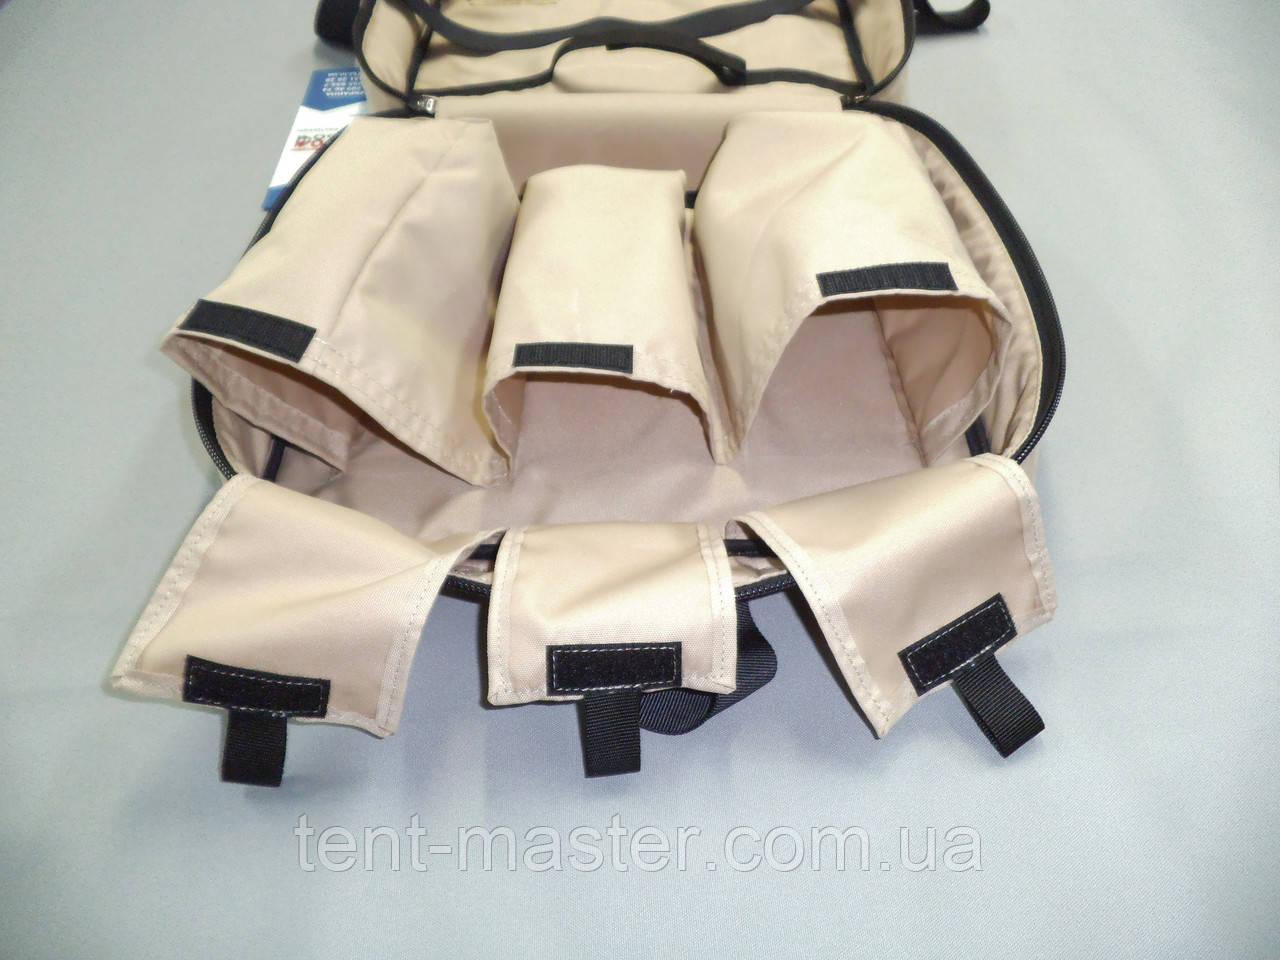 0b8cda2b35e4 Пошив сумок из ткани полиэстер по индивидуальному заказу от компании ...